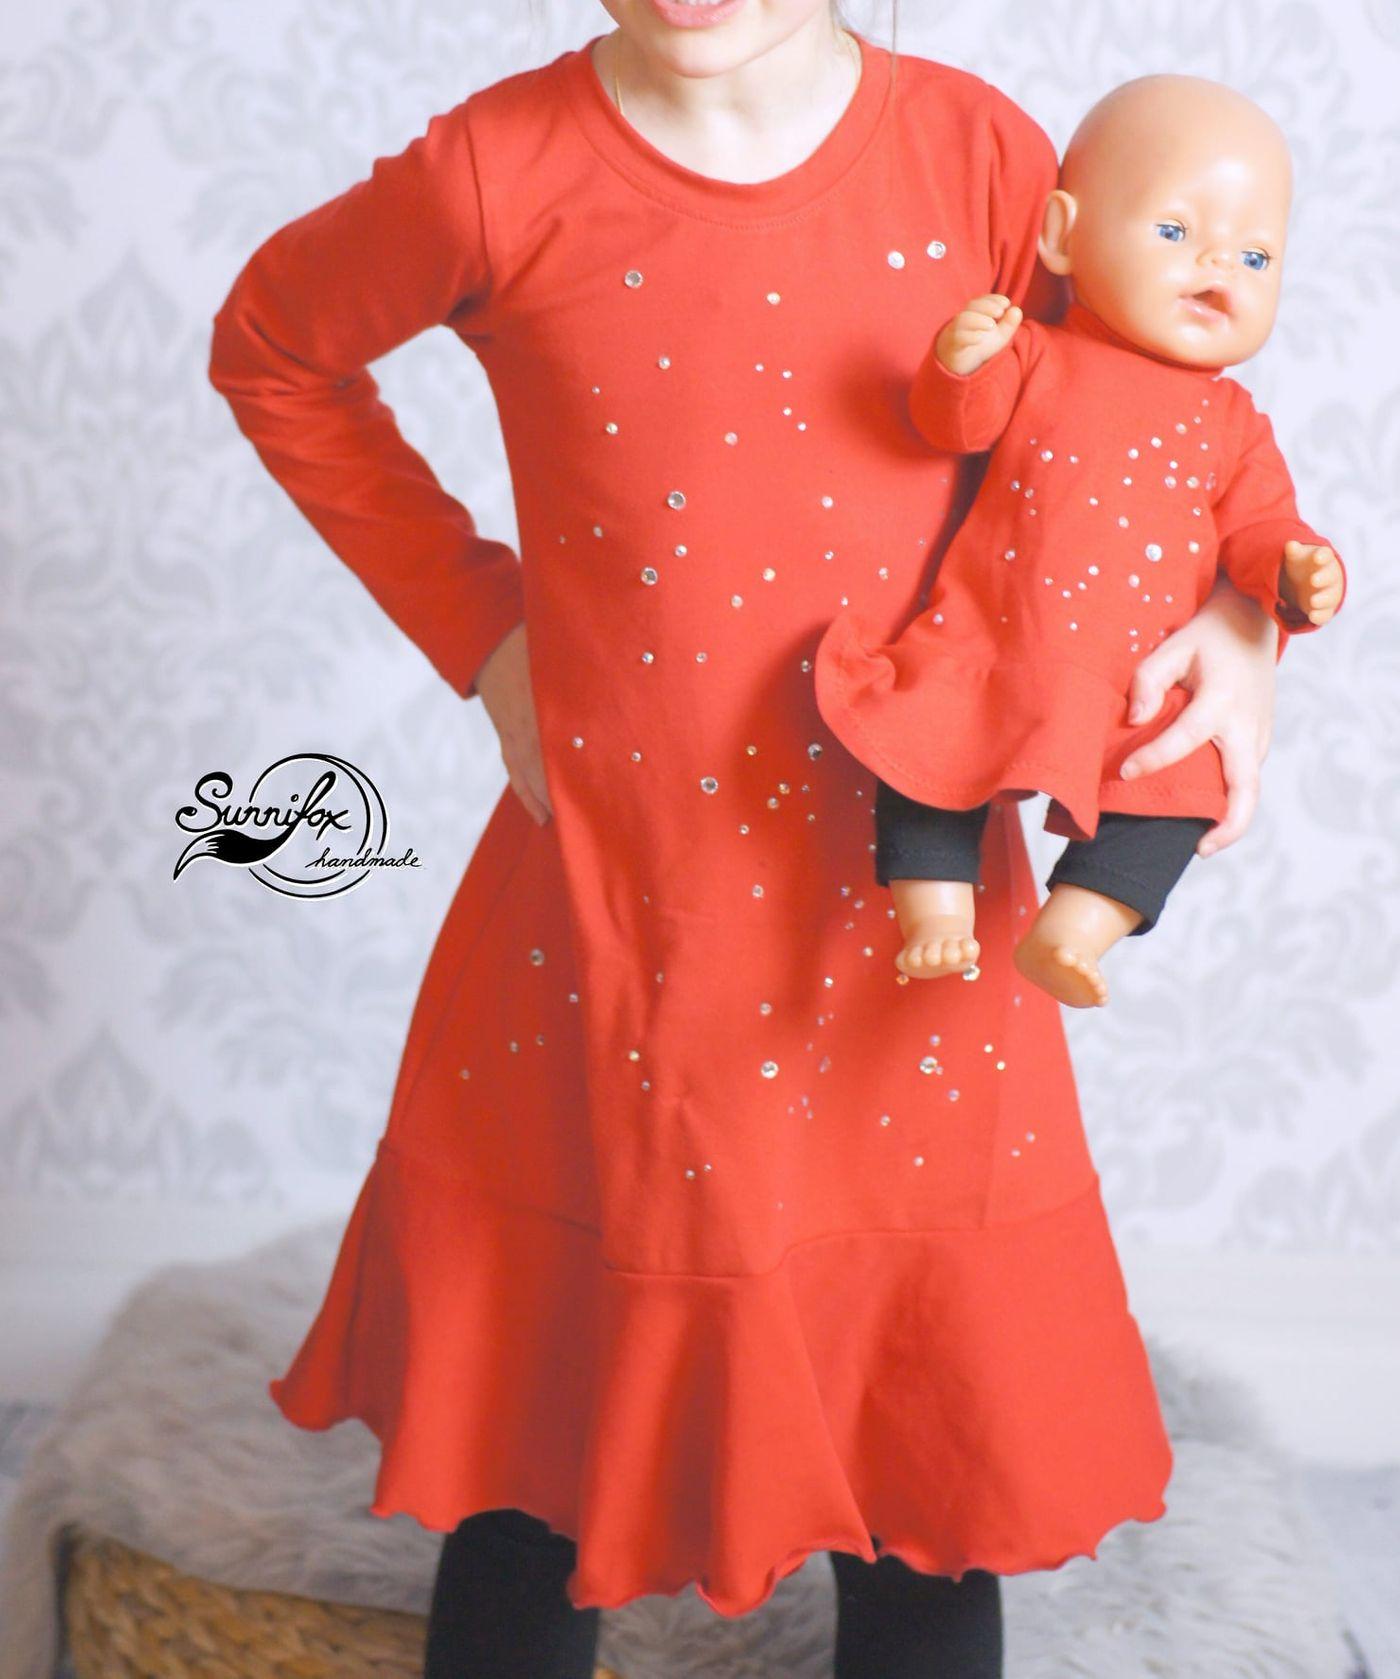 Produktfoto 5 von Happy Pearl für Schnittmuster Little SUNdrina + Happy SUNdrina Tunika/Kleid und 43cm Puppenschnitt